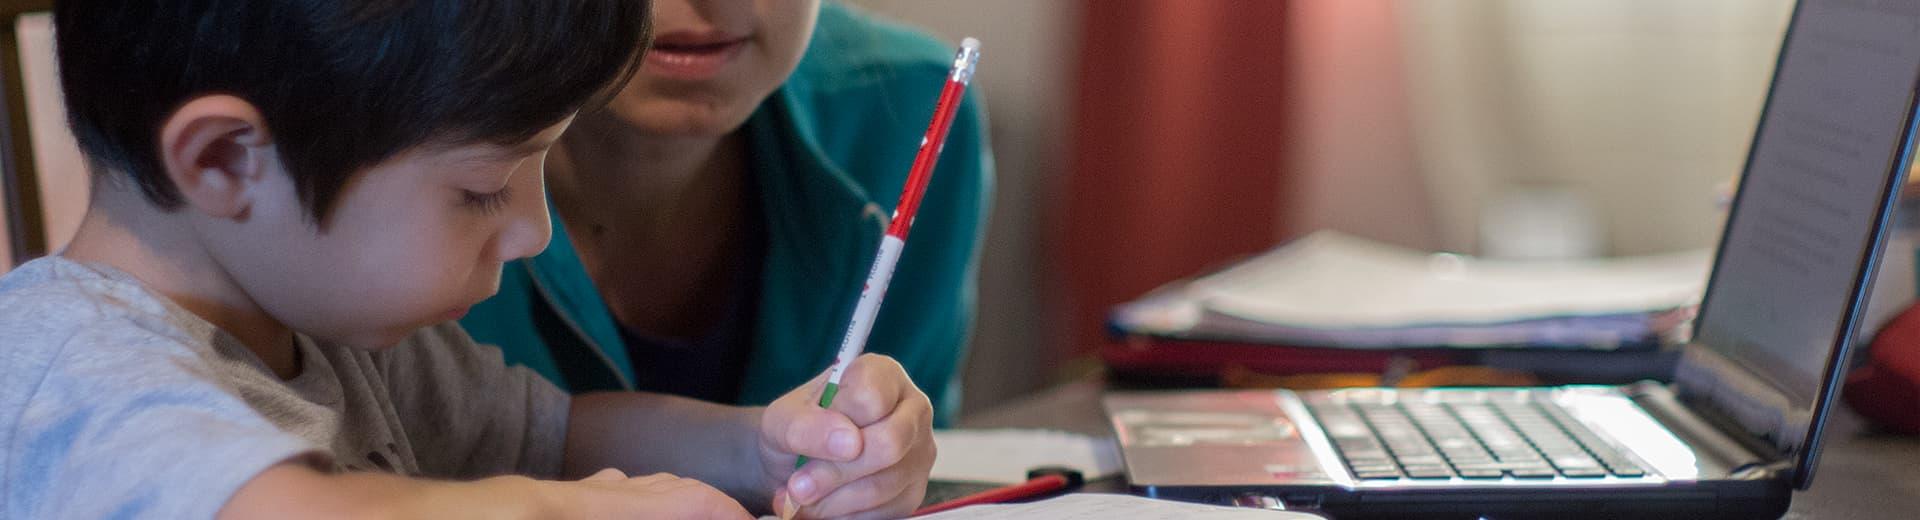 Educación en cuarentena